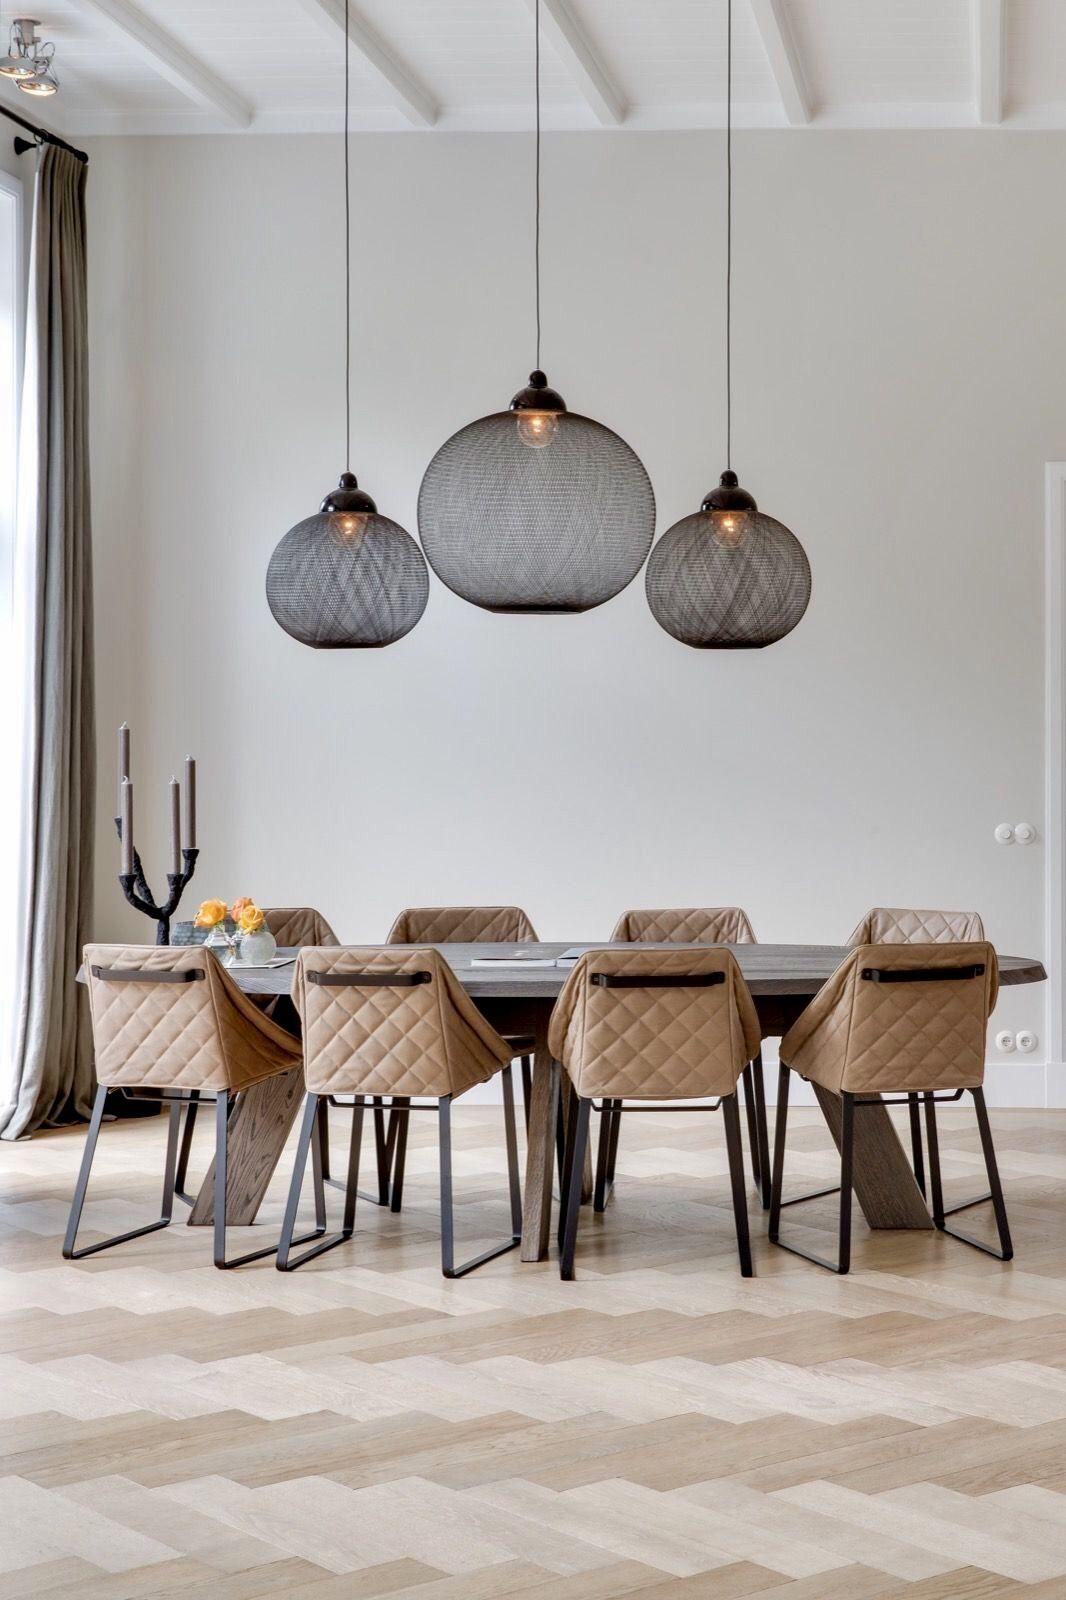 Penggunaan lampu gantung di atas meja makan - source: pinterest.com